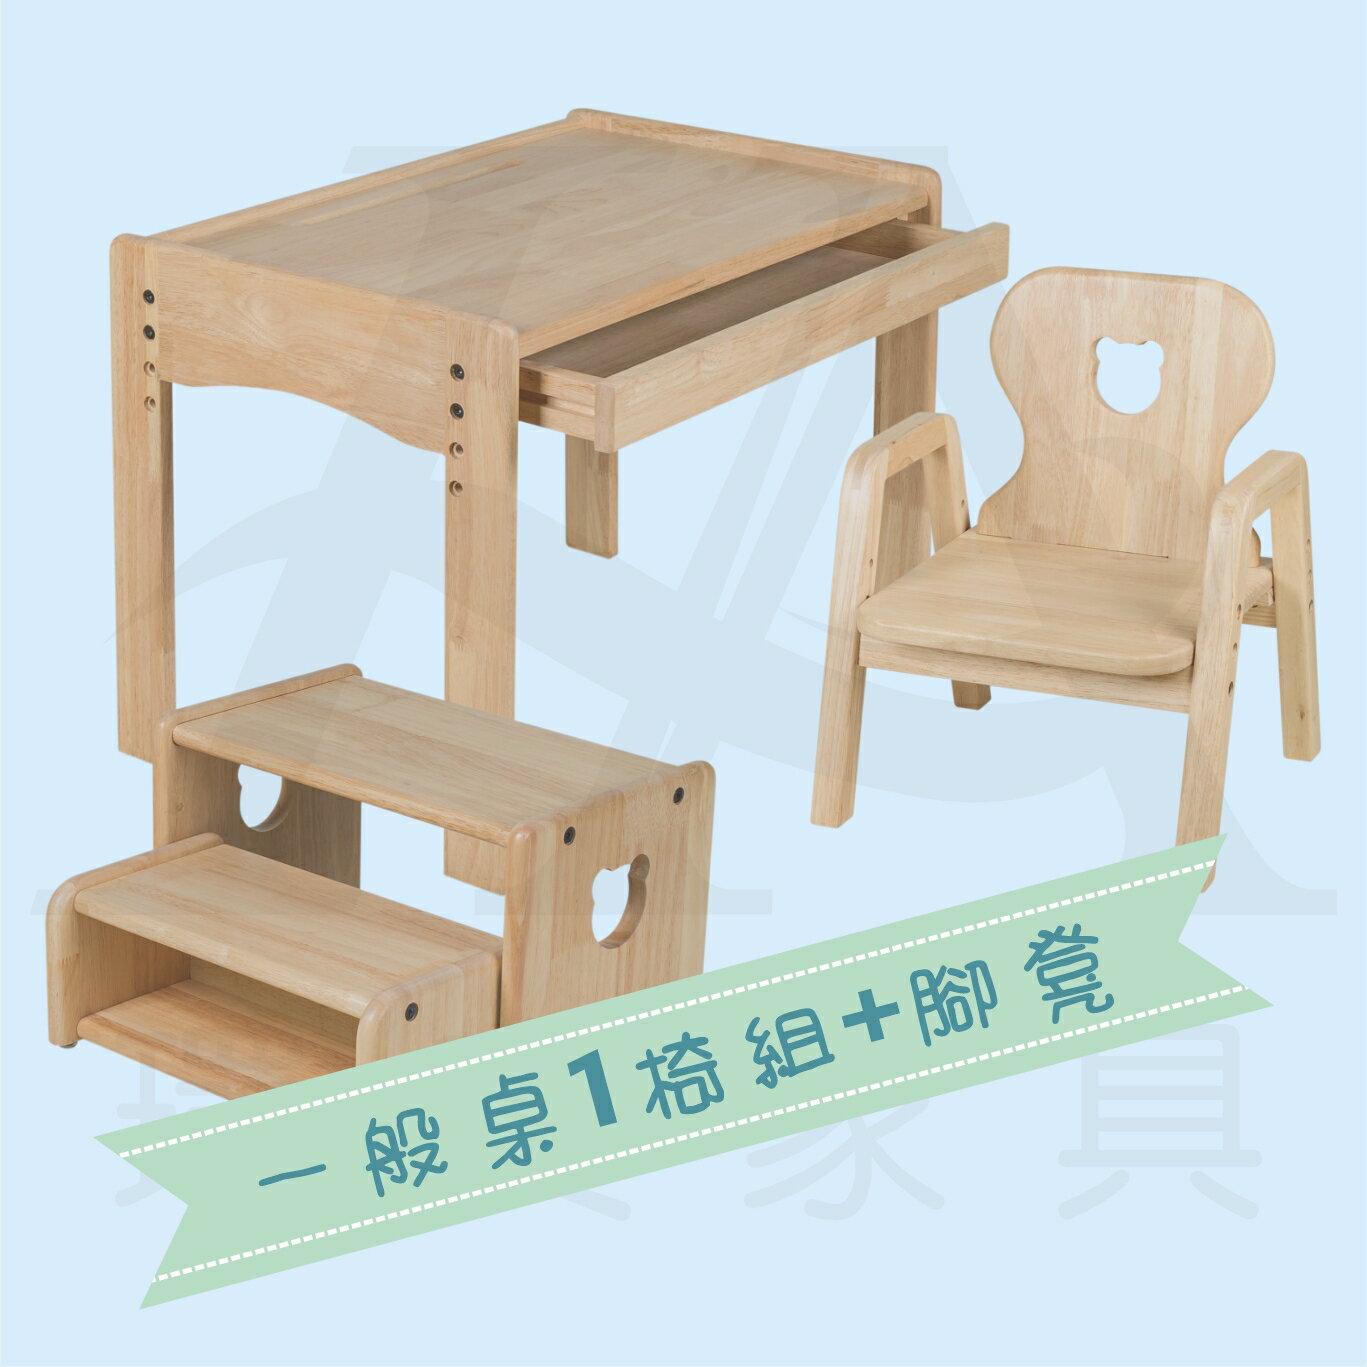 環安家具-★樂天專屬★幼兒成長桌1椅組+多功能輔助腳凳合購套組優惠購